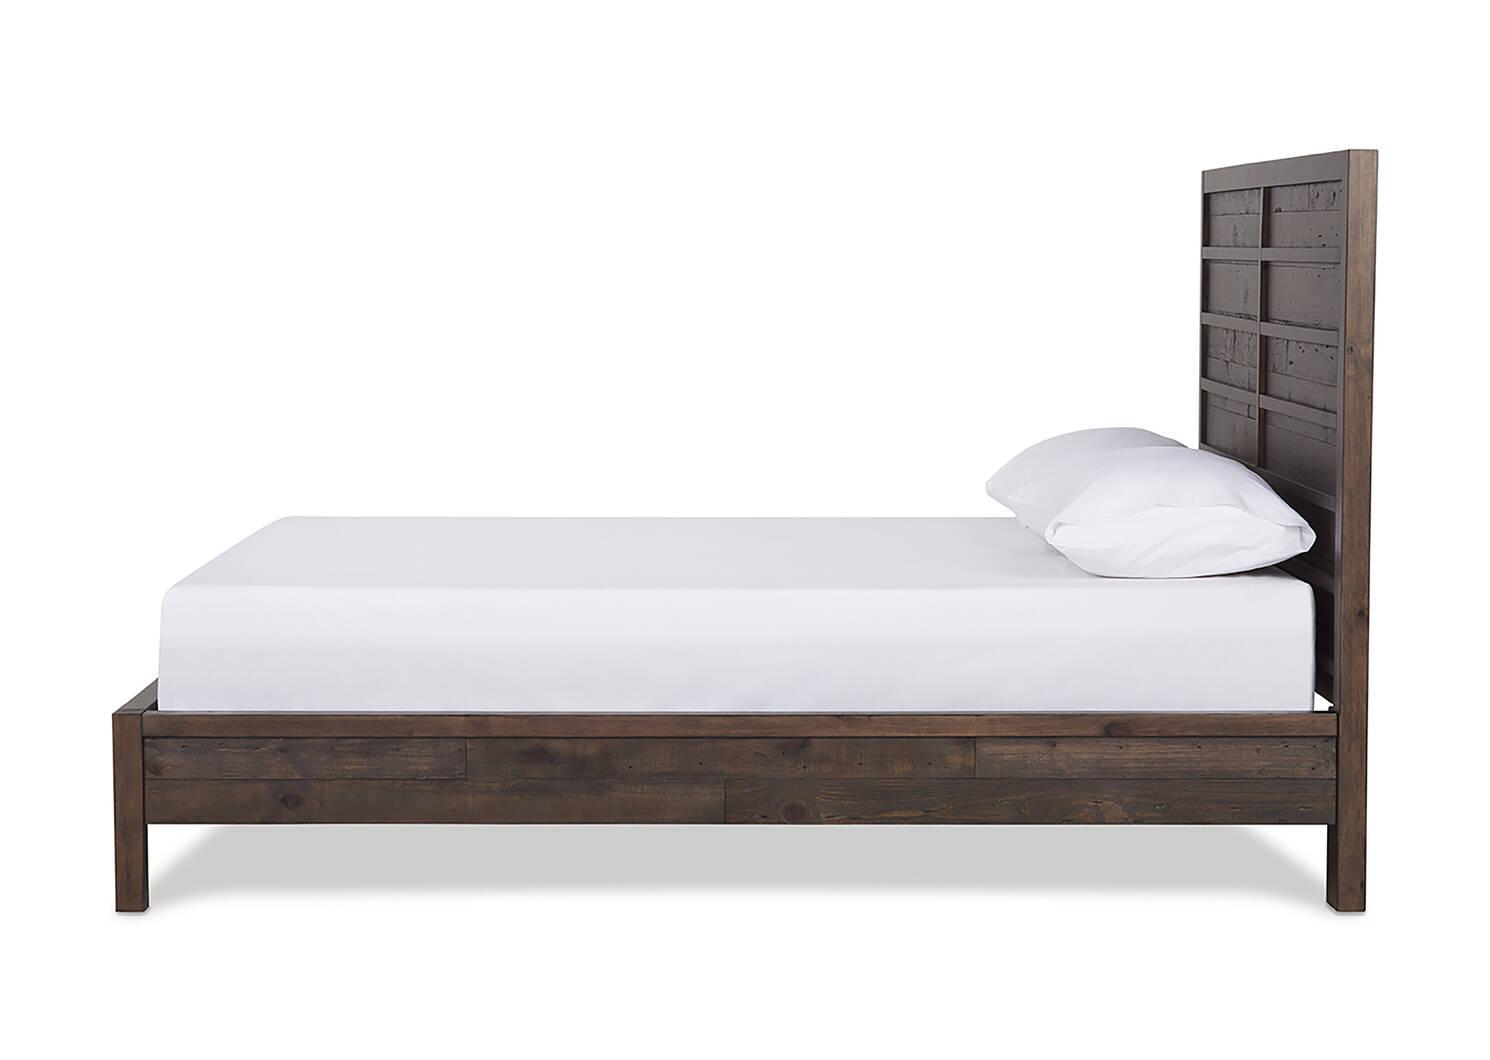 Kendall Bed -Dawn Café